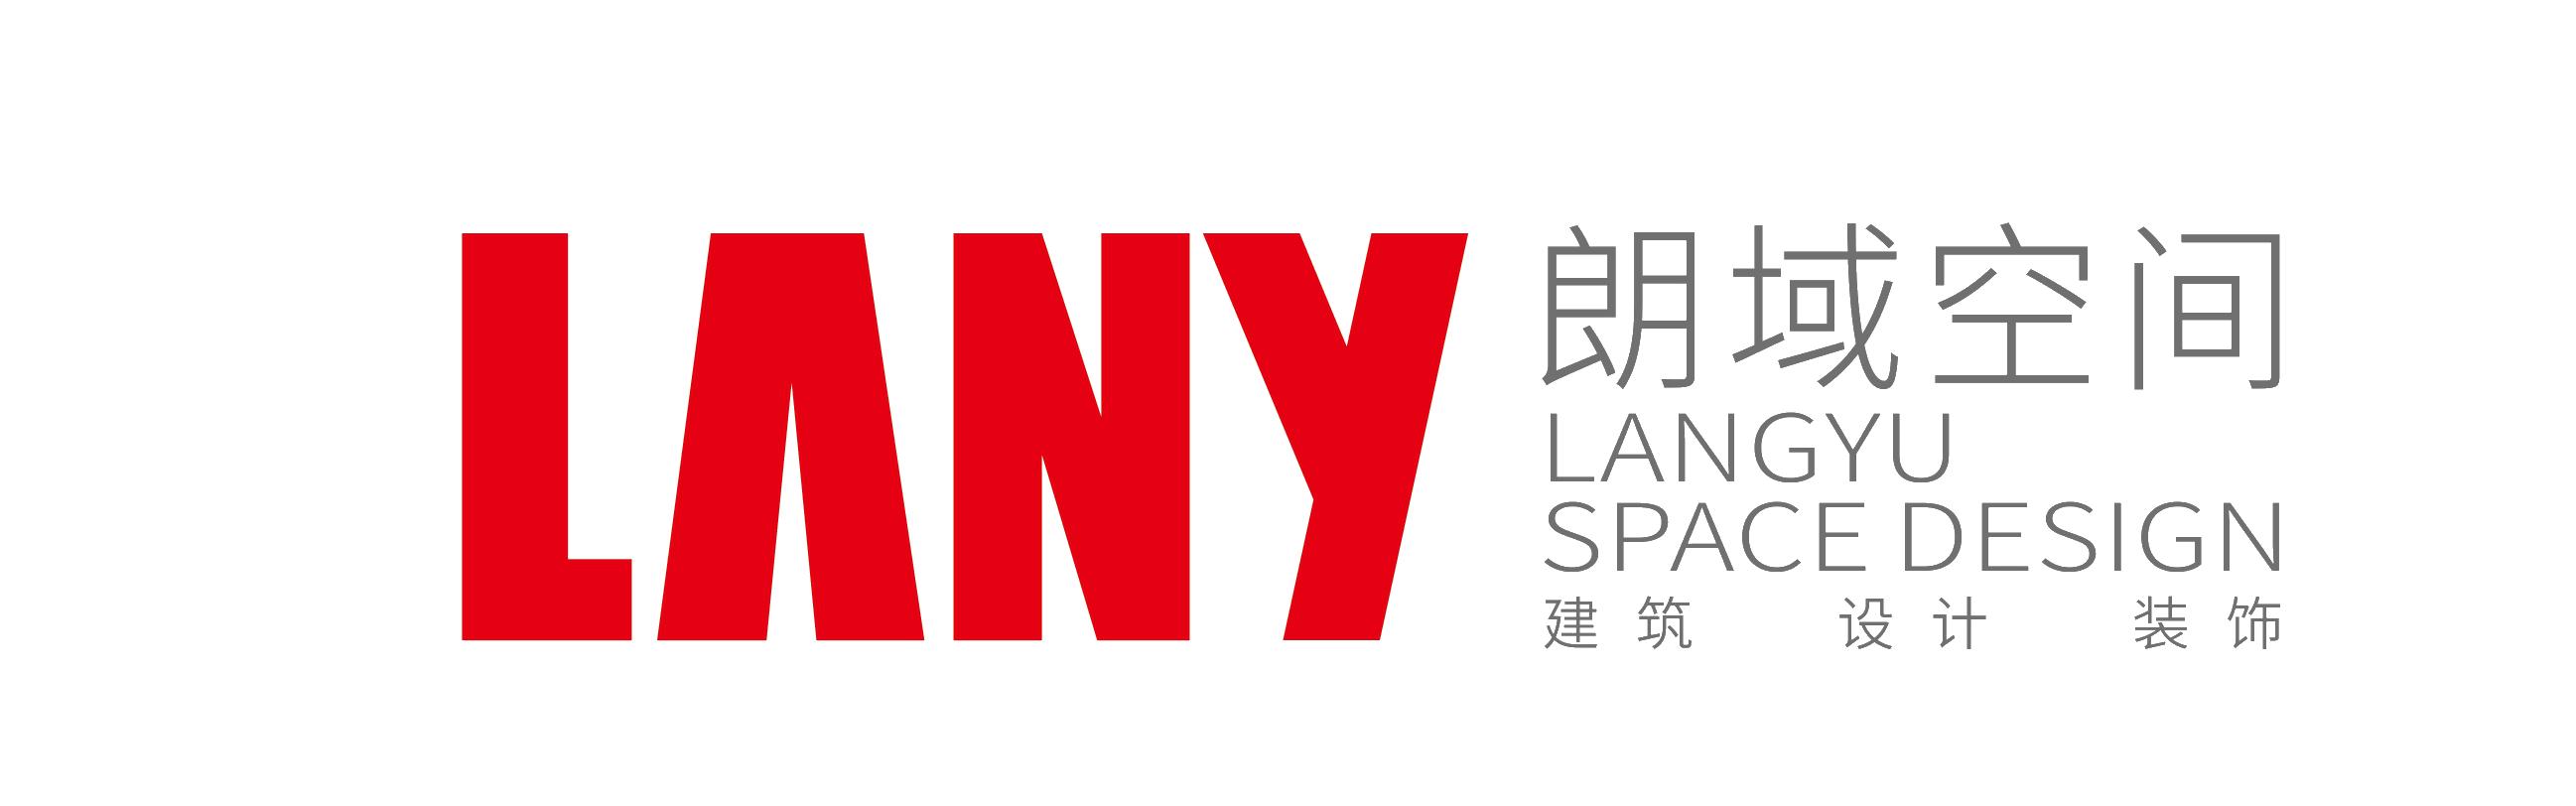 福建省朗域空间装饰有限公司